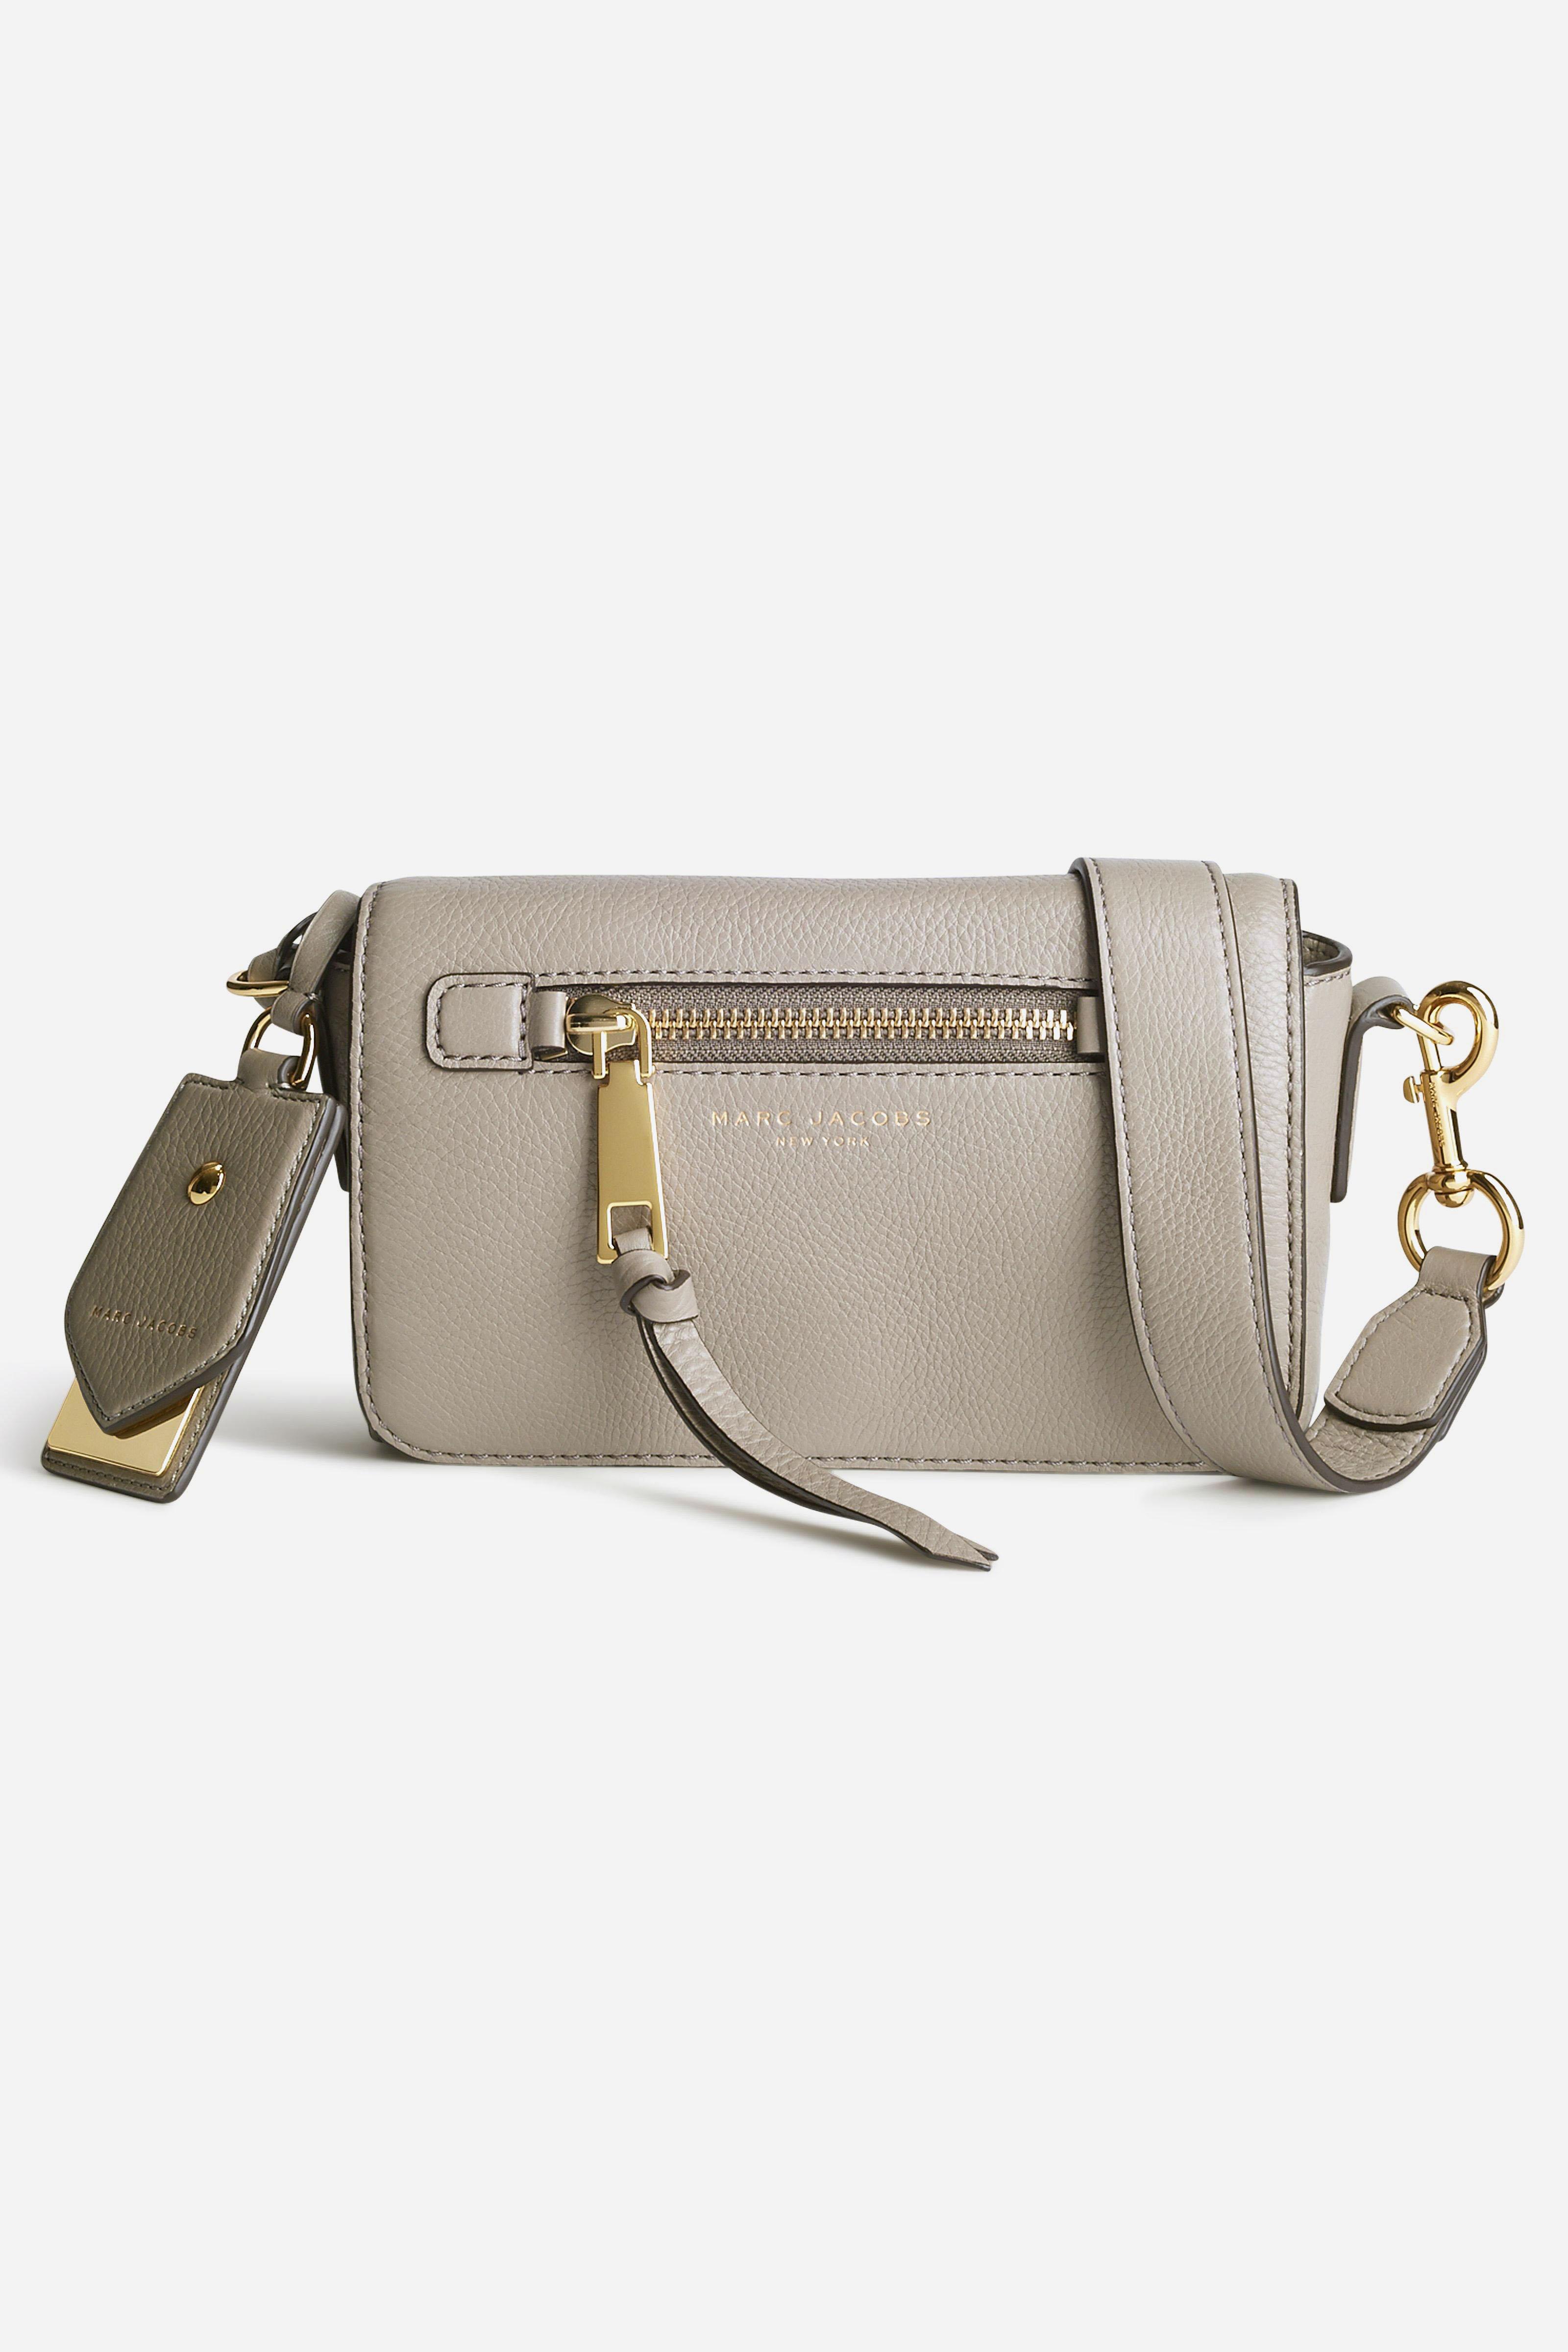 Marc Jacobs 21 - Recruit Crossbody Bag - Mink